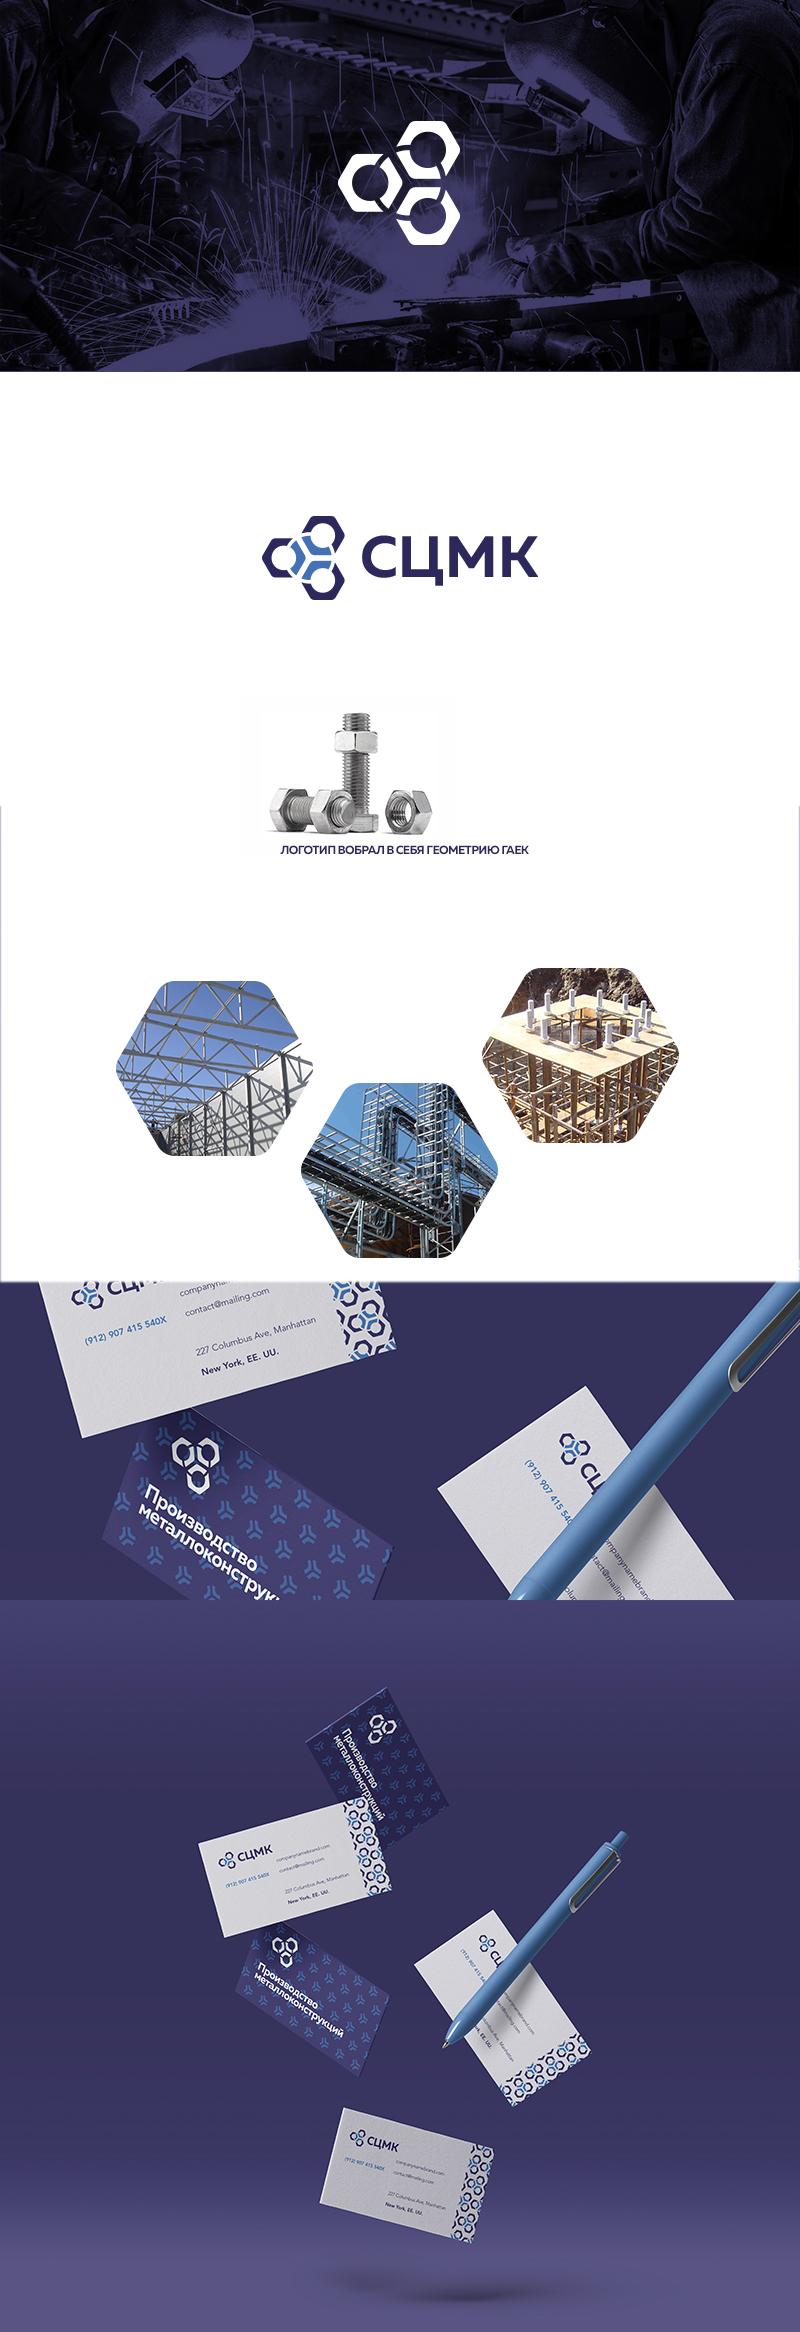 Разработка логотипа и фирменного стиля фото f_7295adcc98f3cf54.jpg